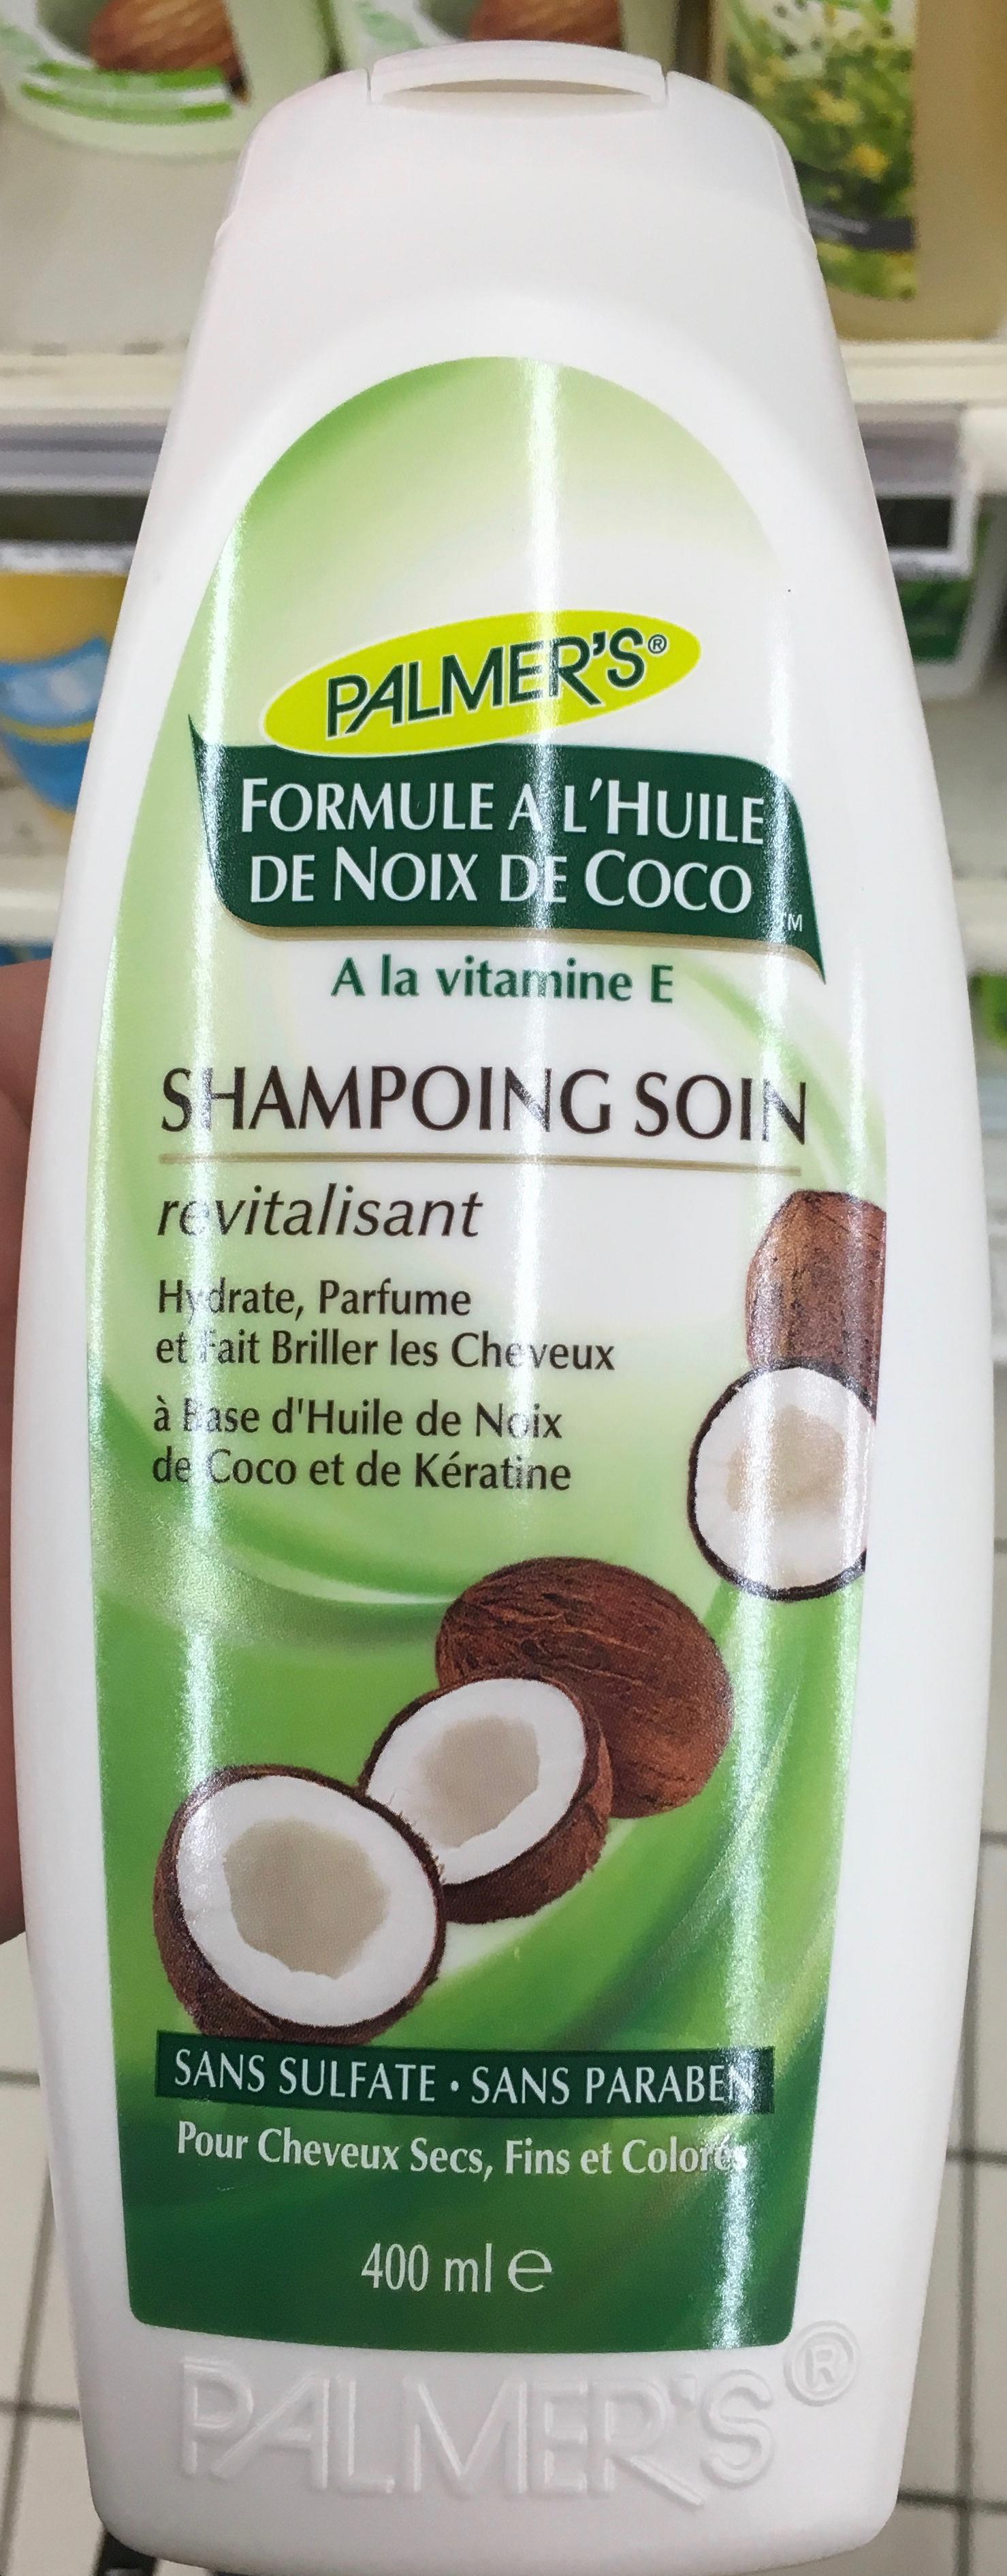 Shampooing soin formule à l'huile de noix de coco - Produit - fr